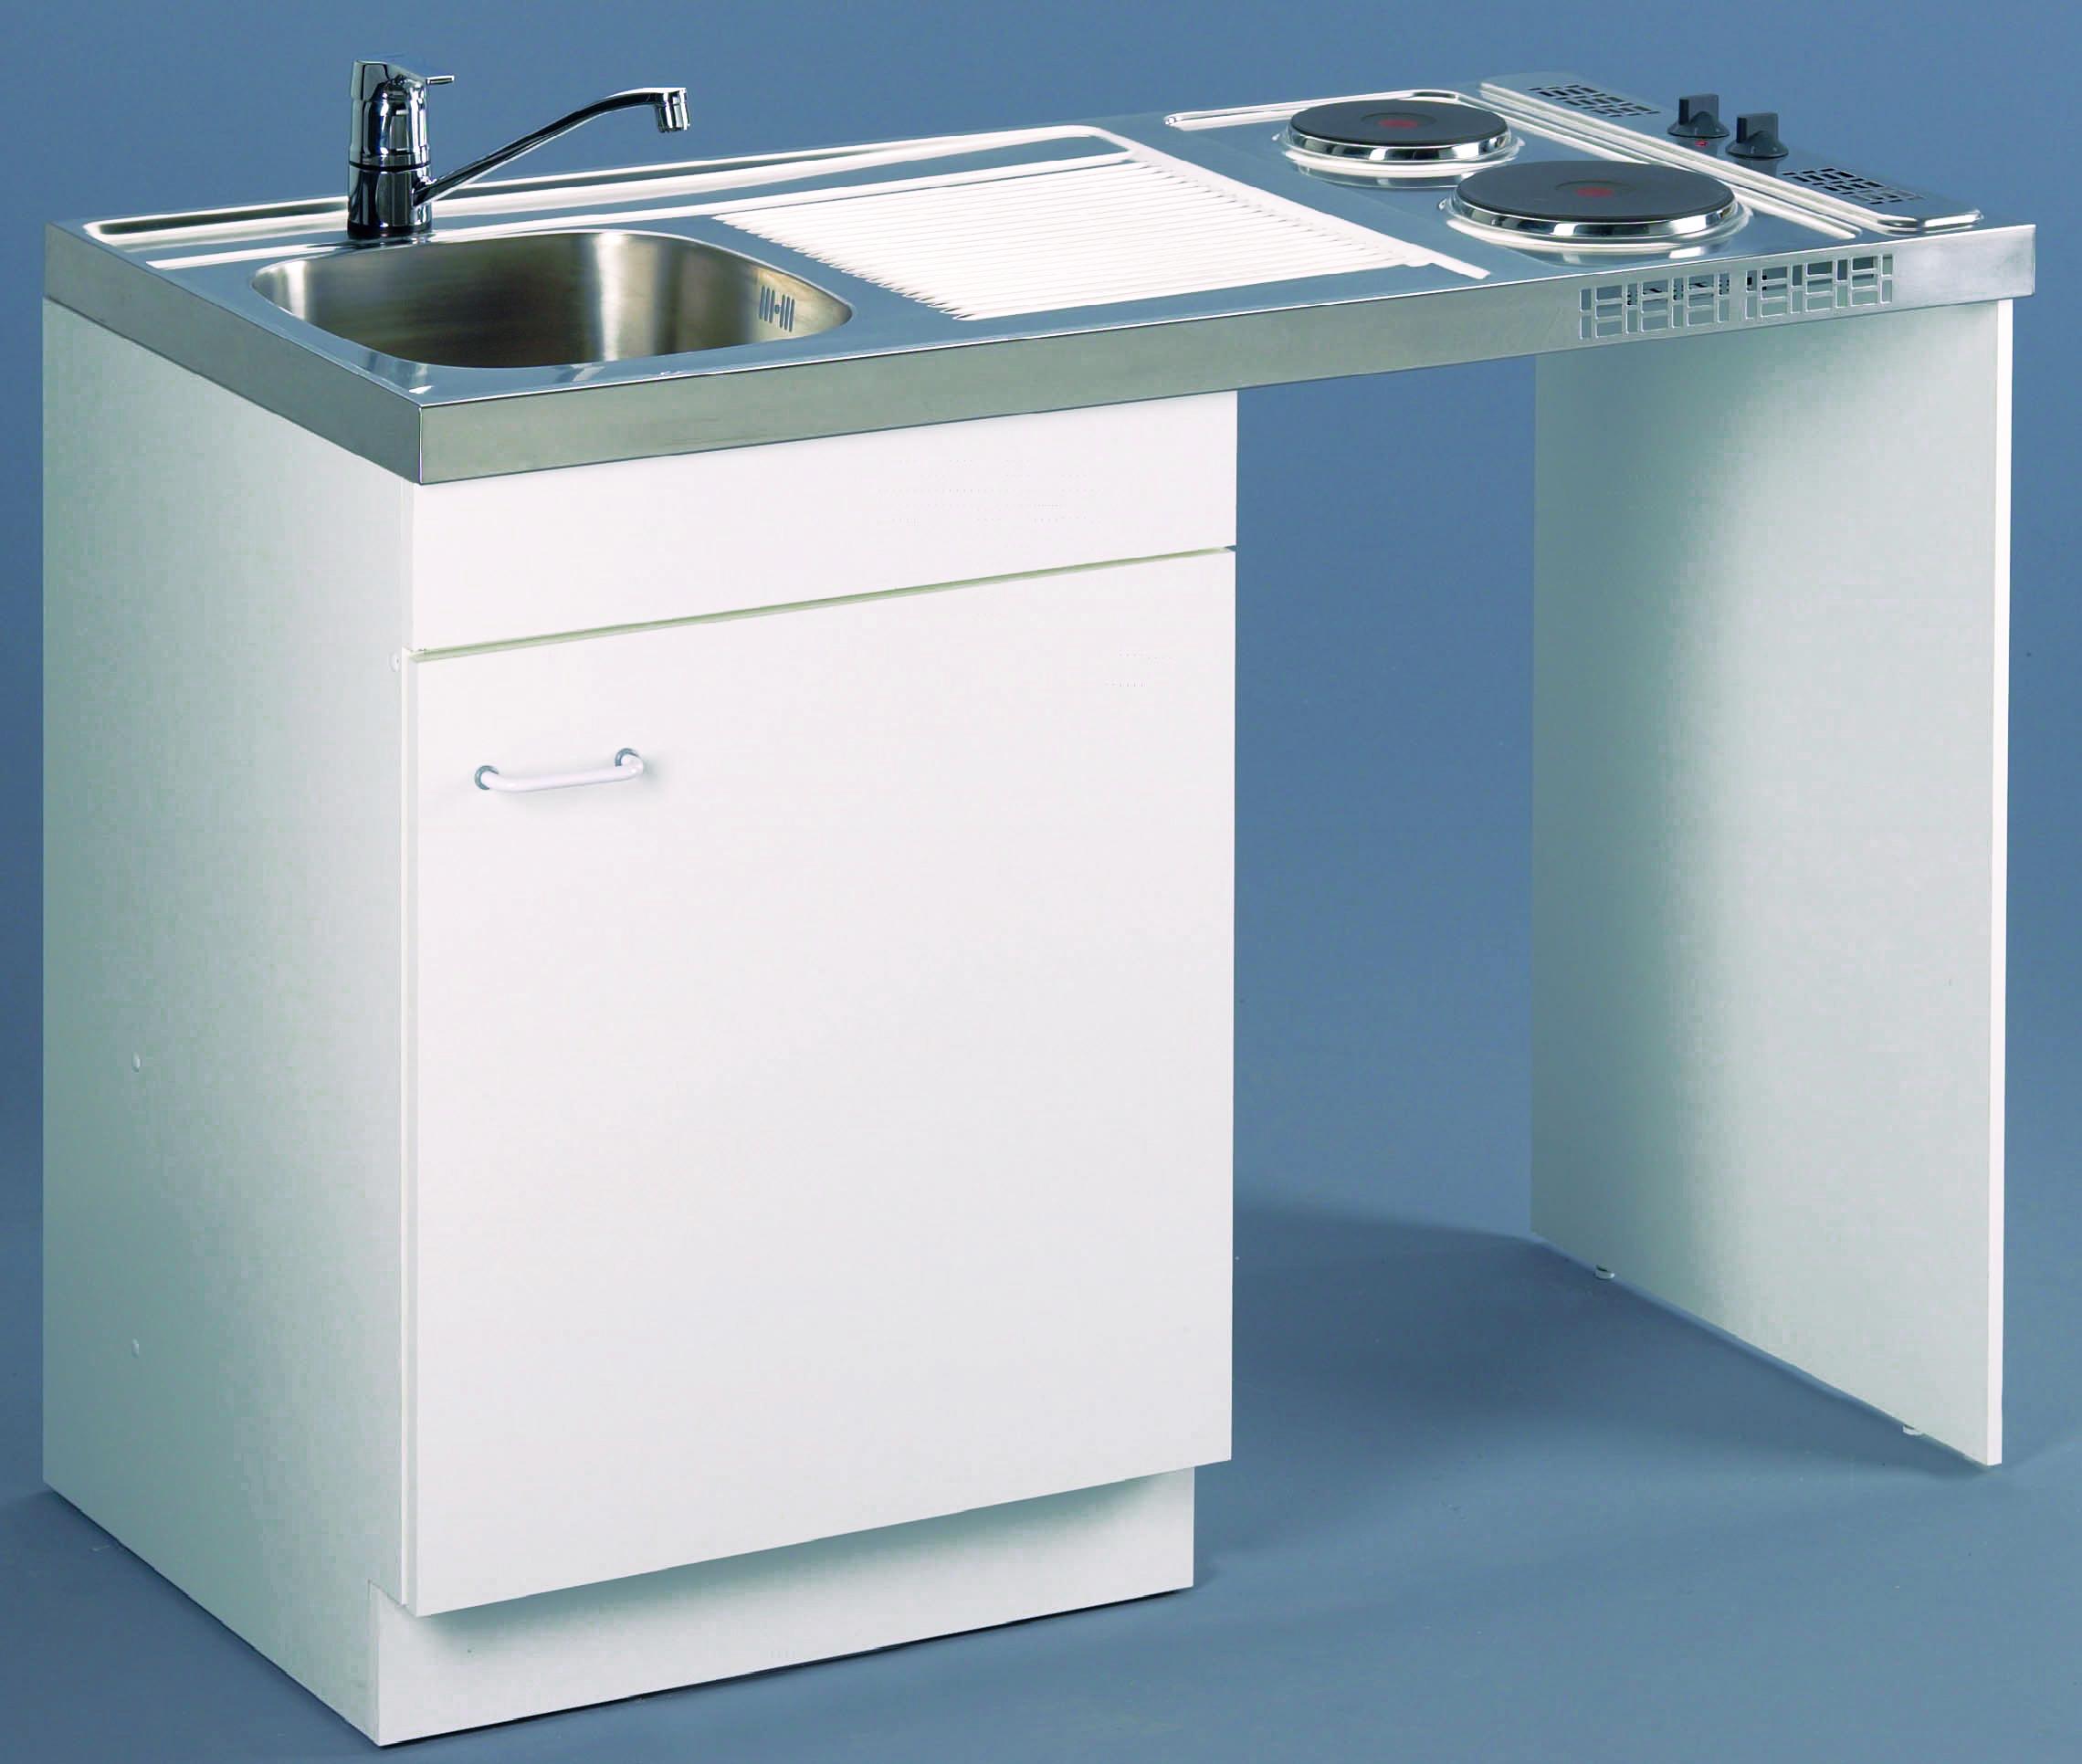 Mobilier Table Meuble Sous Evier Avec Lave Vaisselle Interieur Meuble Sous Evier 120 Bricoman Agencecormierdelauniere Com Agencecormierdelauniere Com